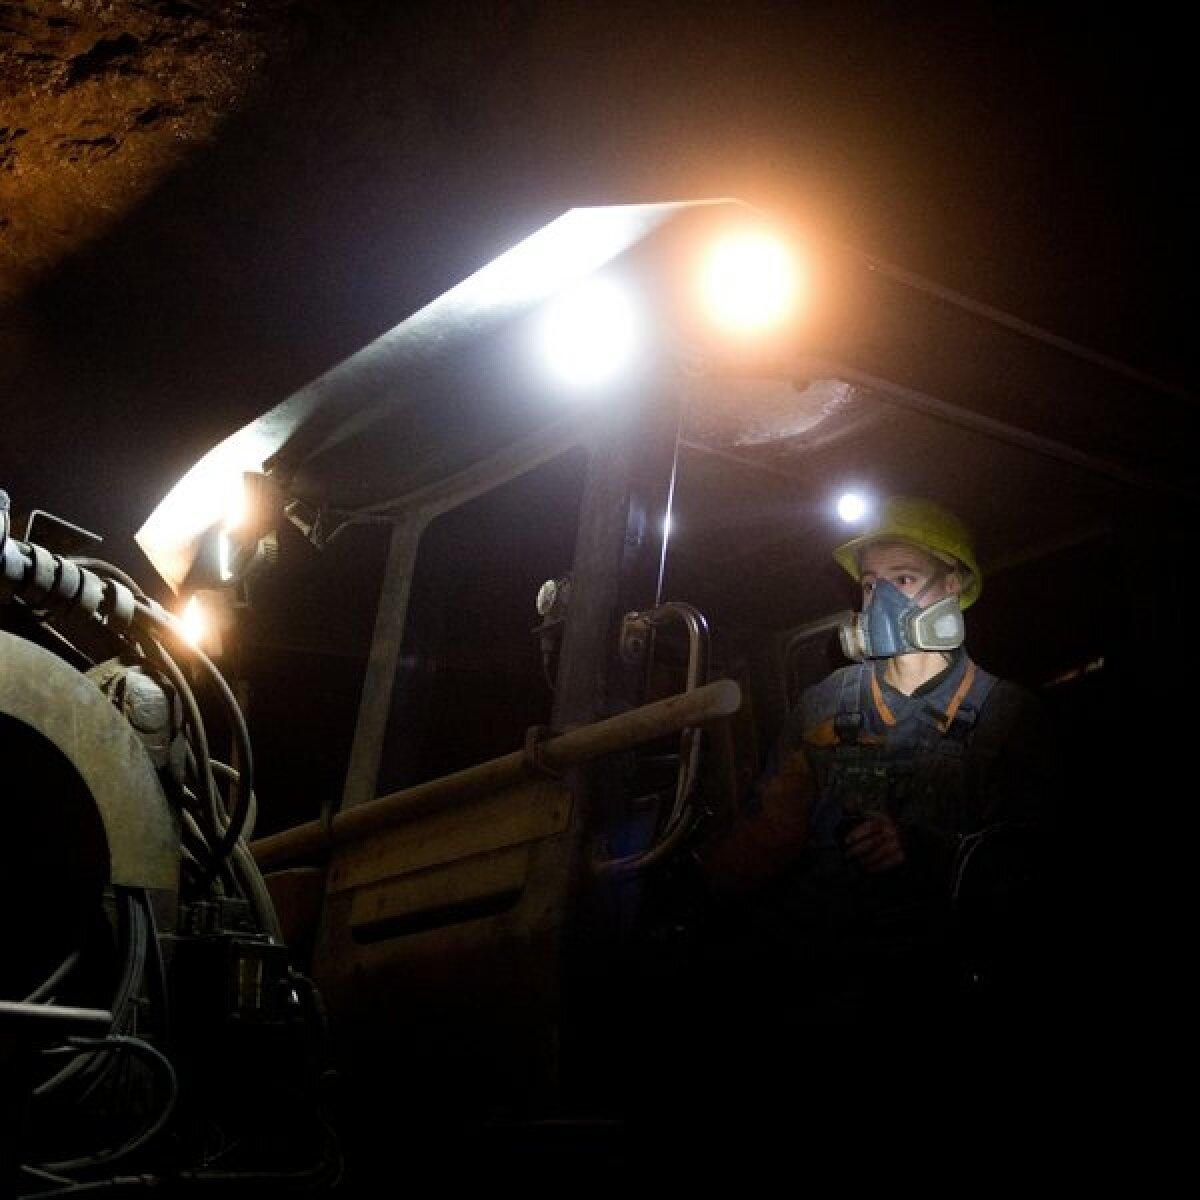 Ojamaa põlevkivikaevandus